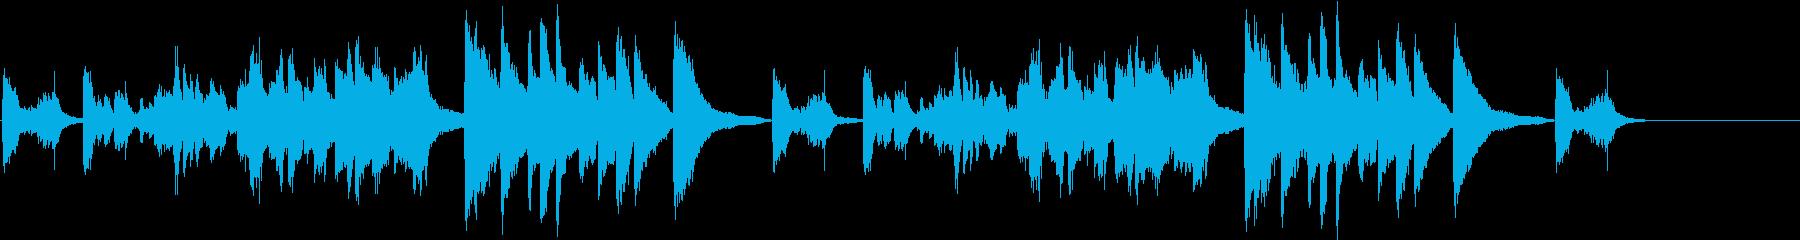 暴力的で抽象的なソロピアノの再生済みの波形